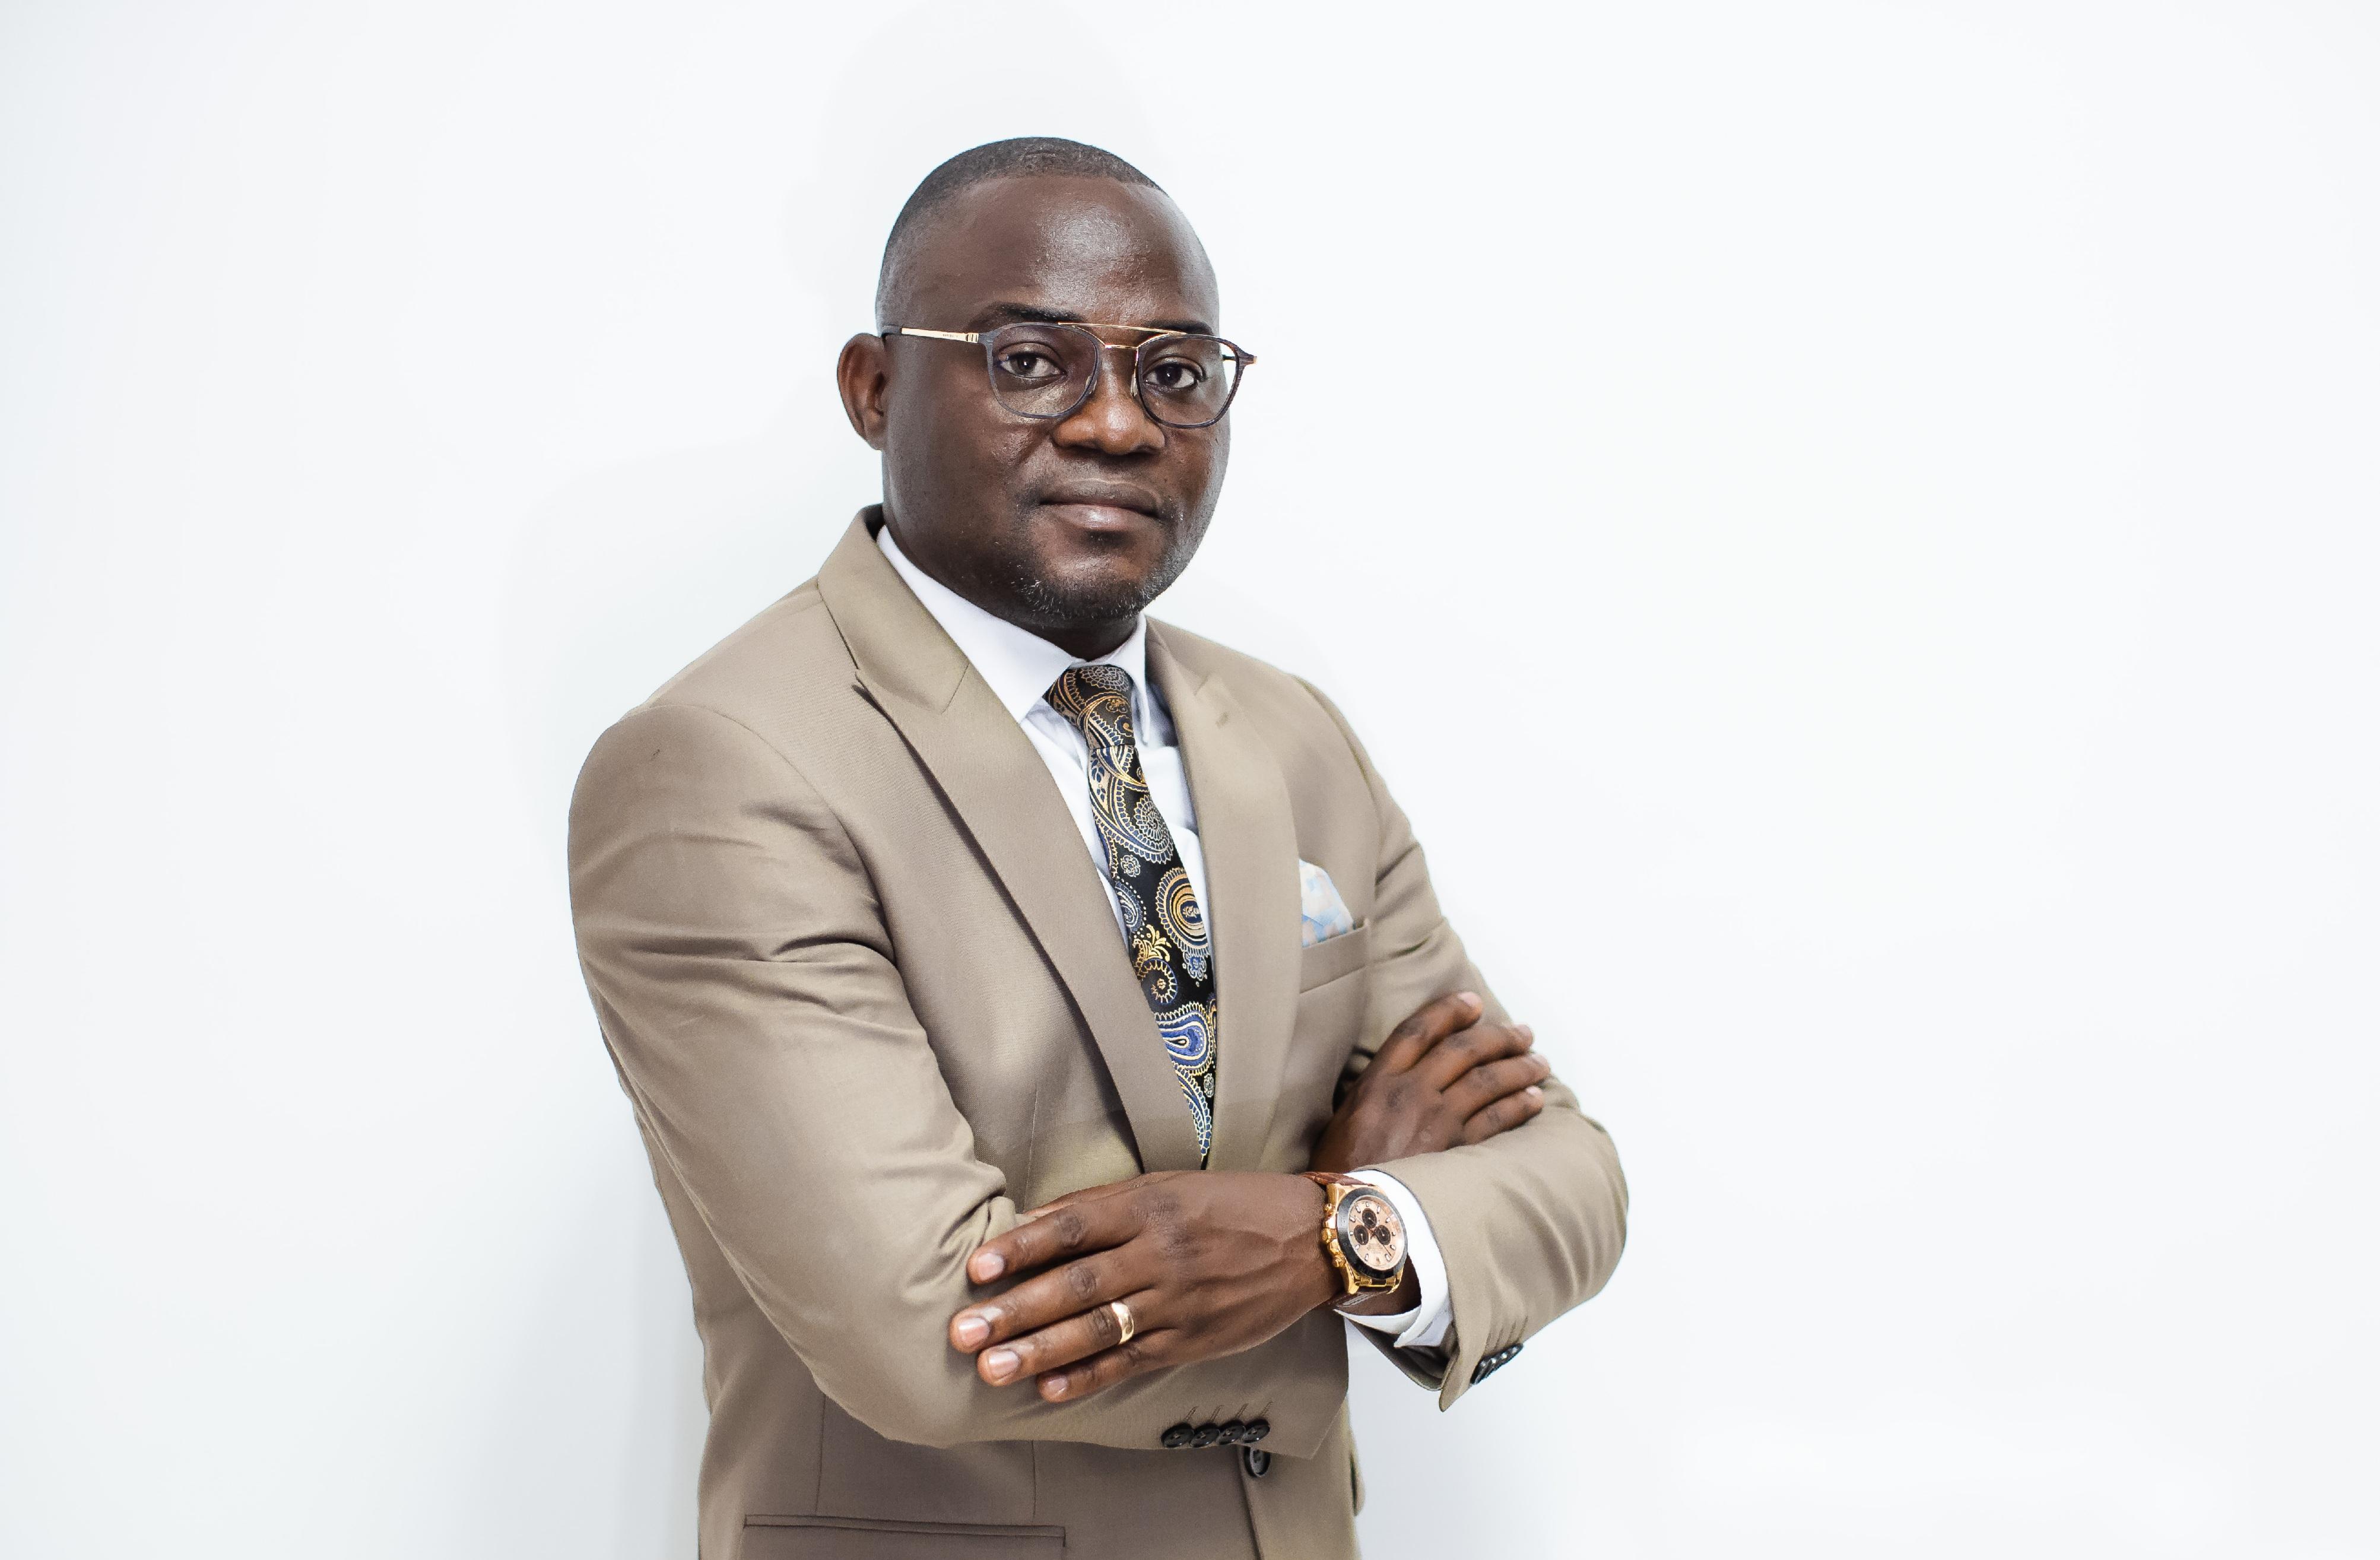 Sambizanga passará a contar com plataforma de promoção dos artistas